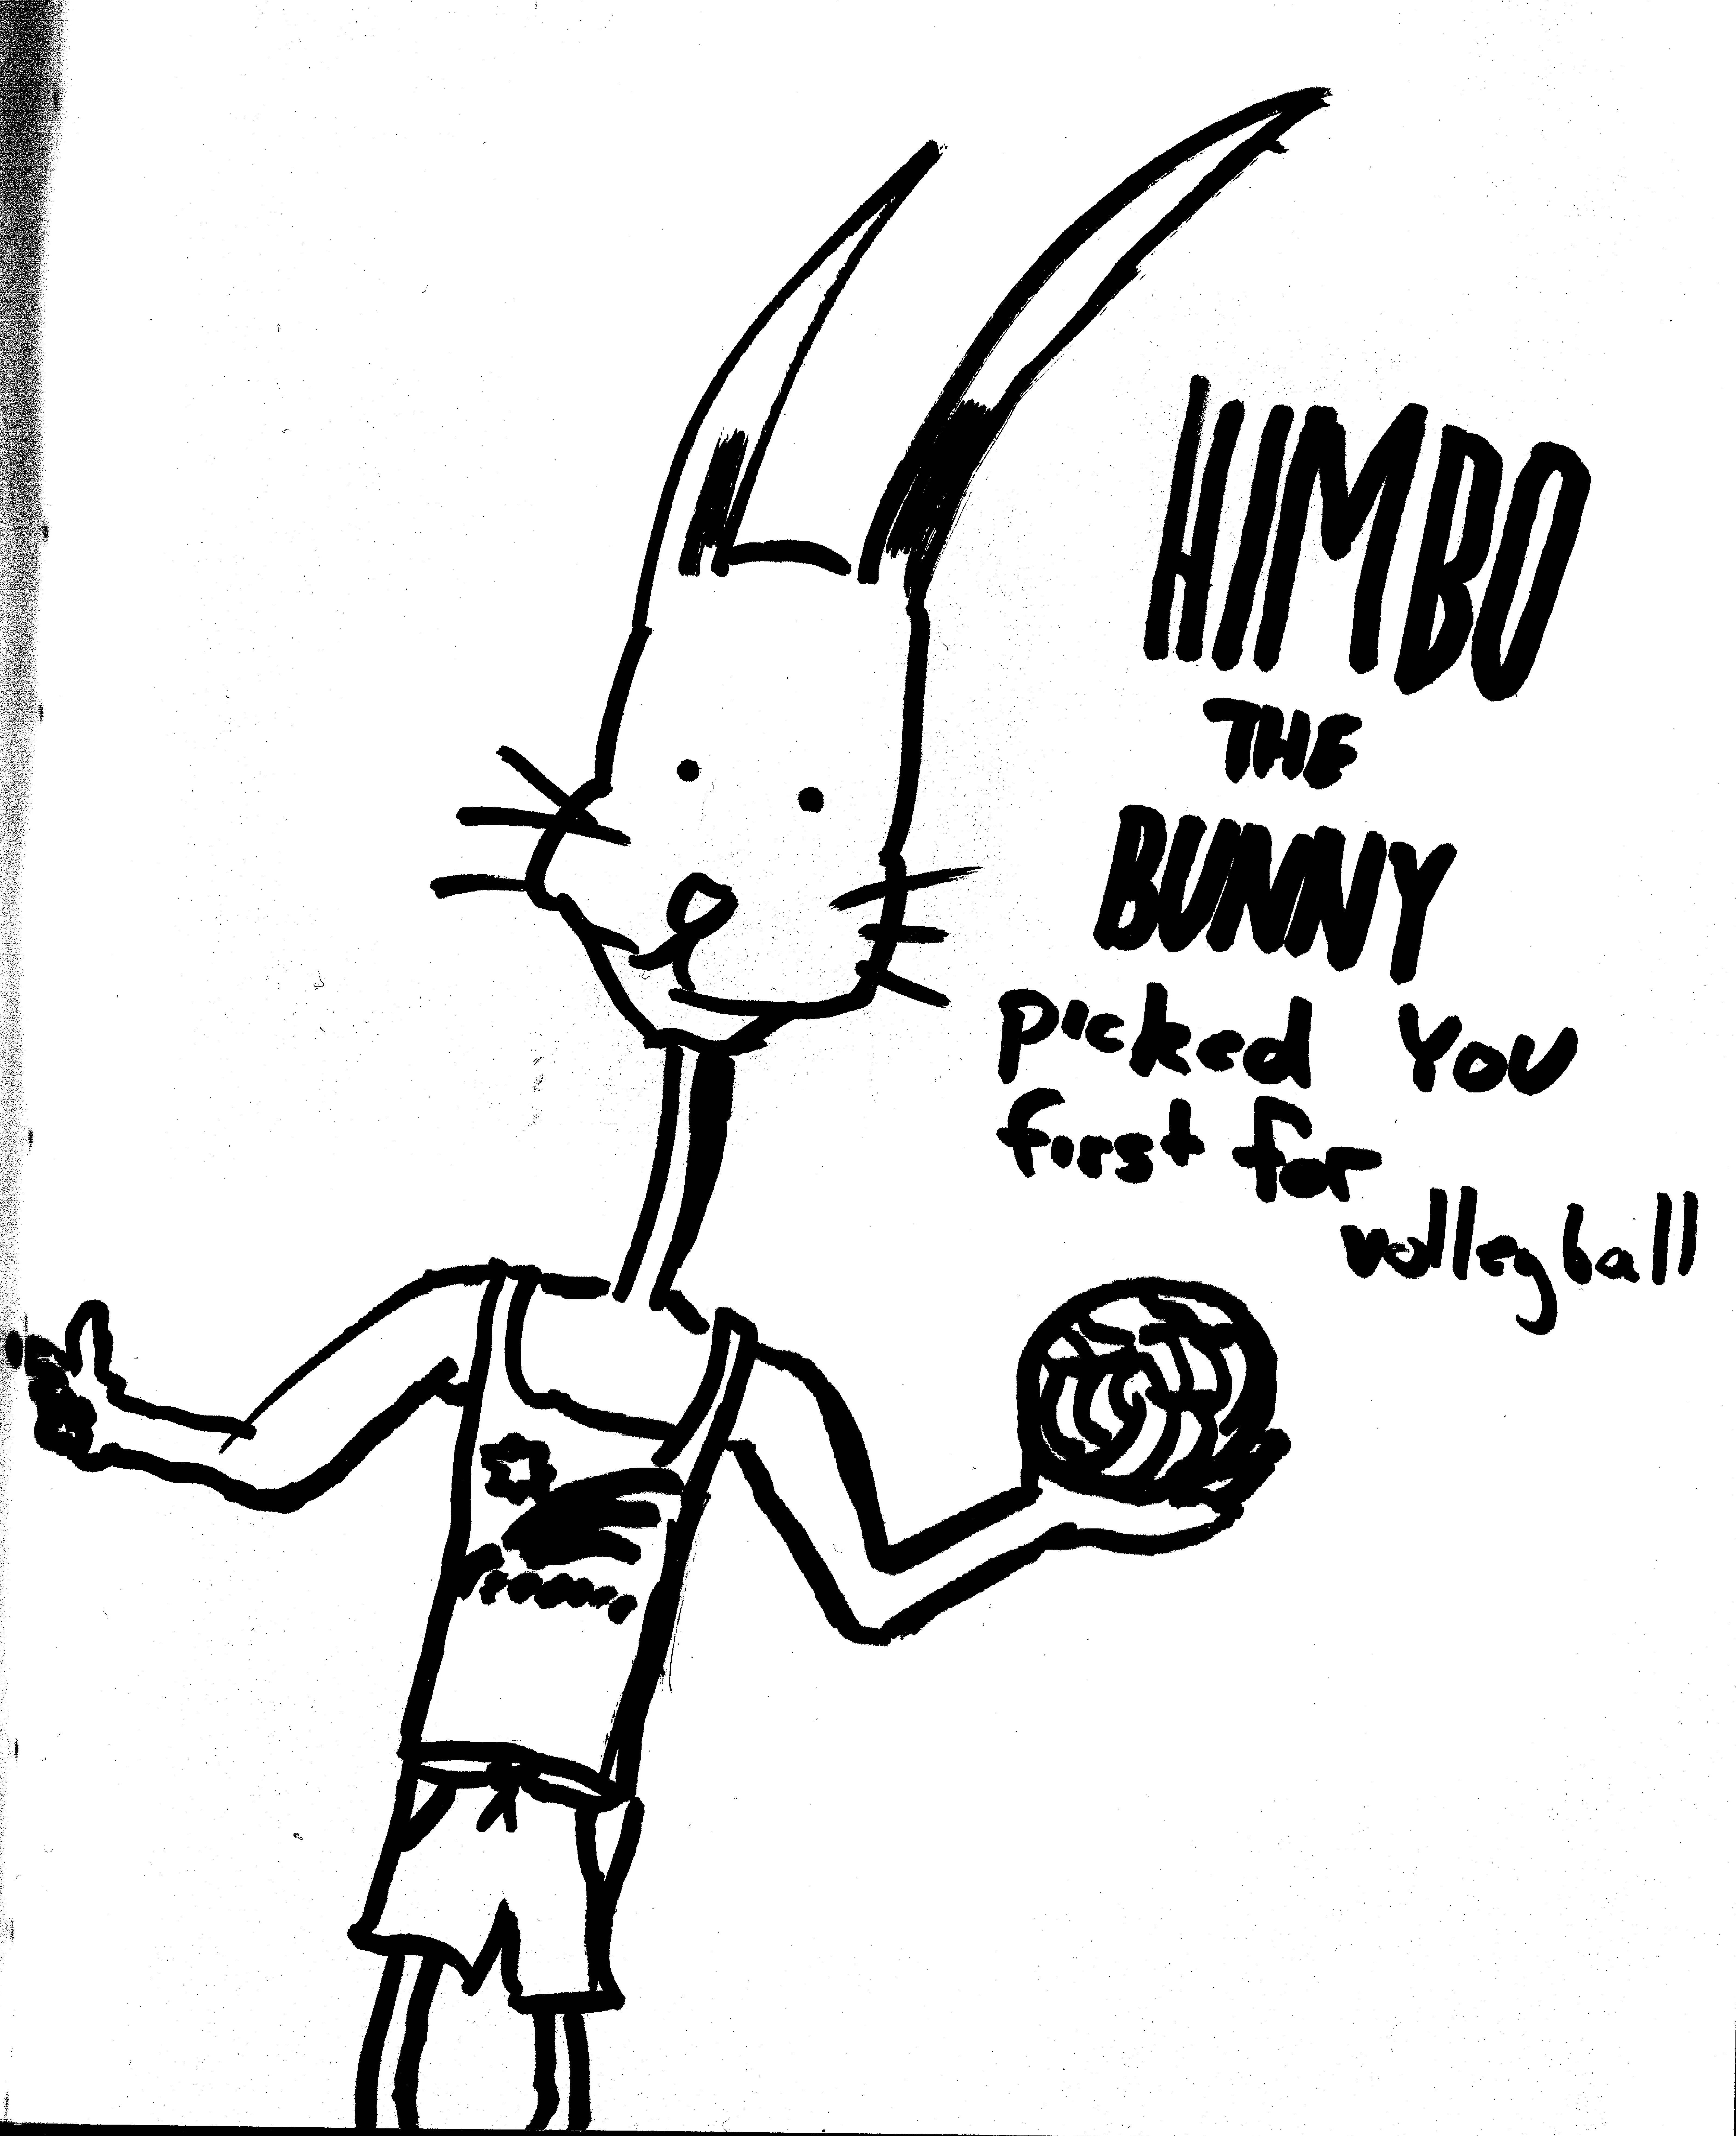 Himbo